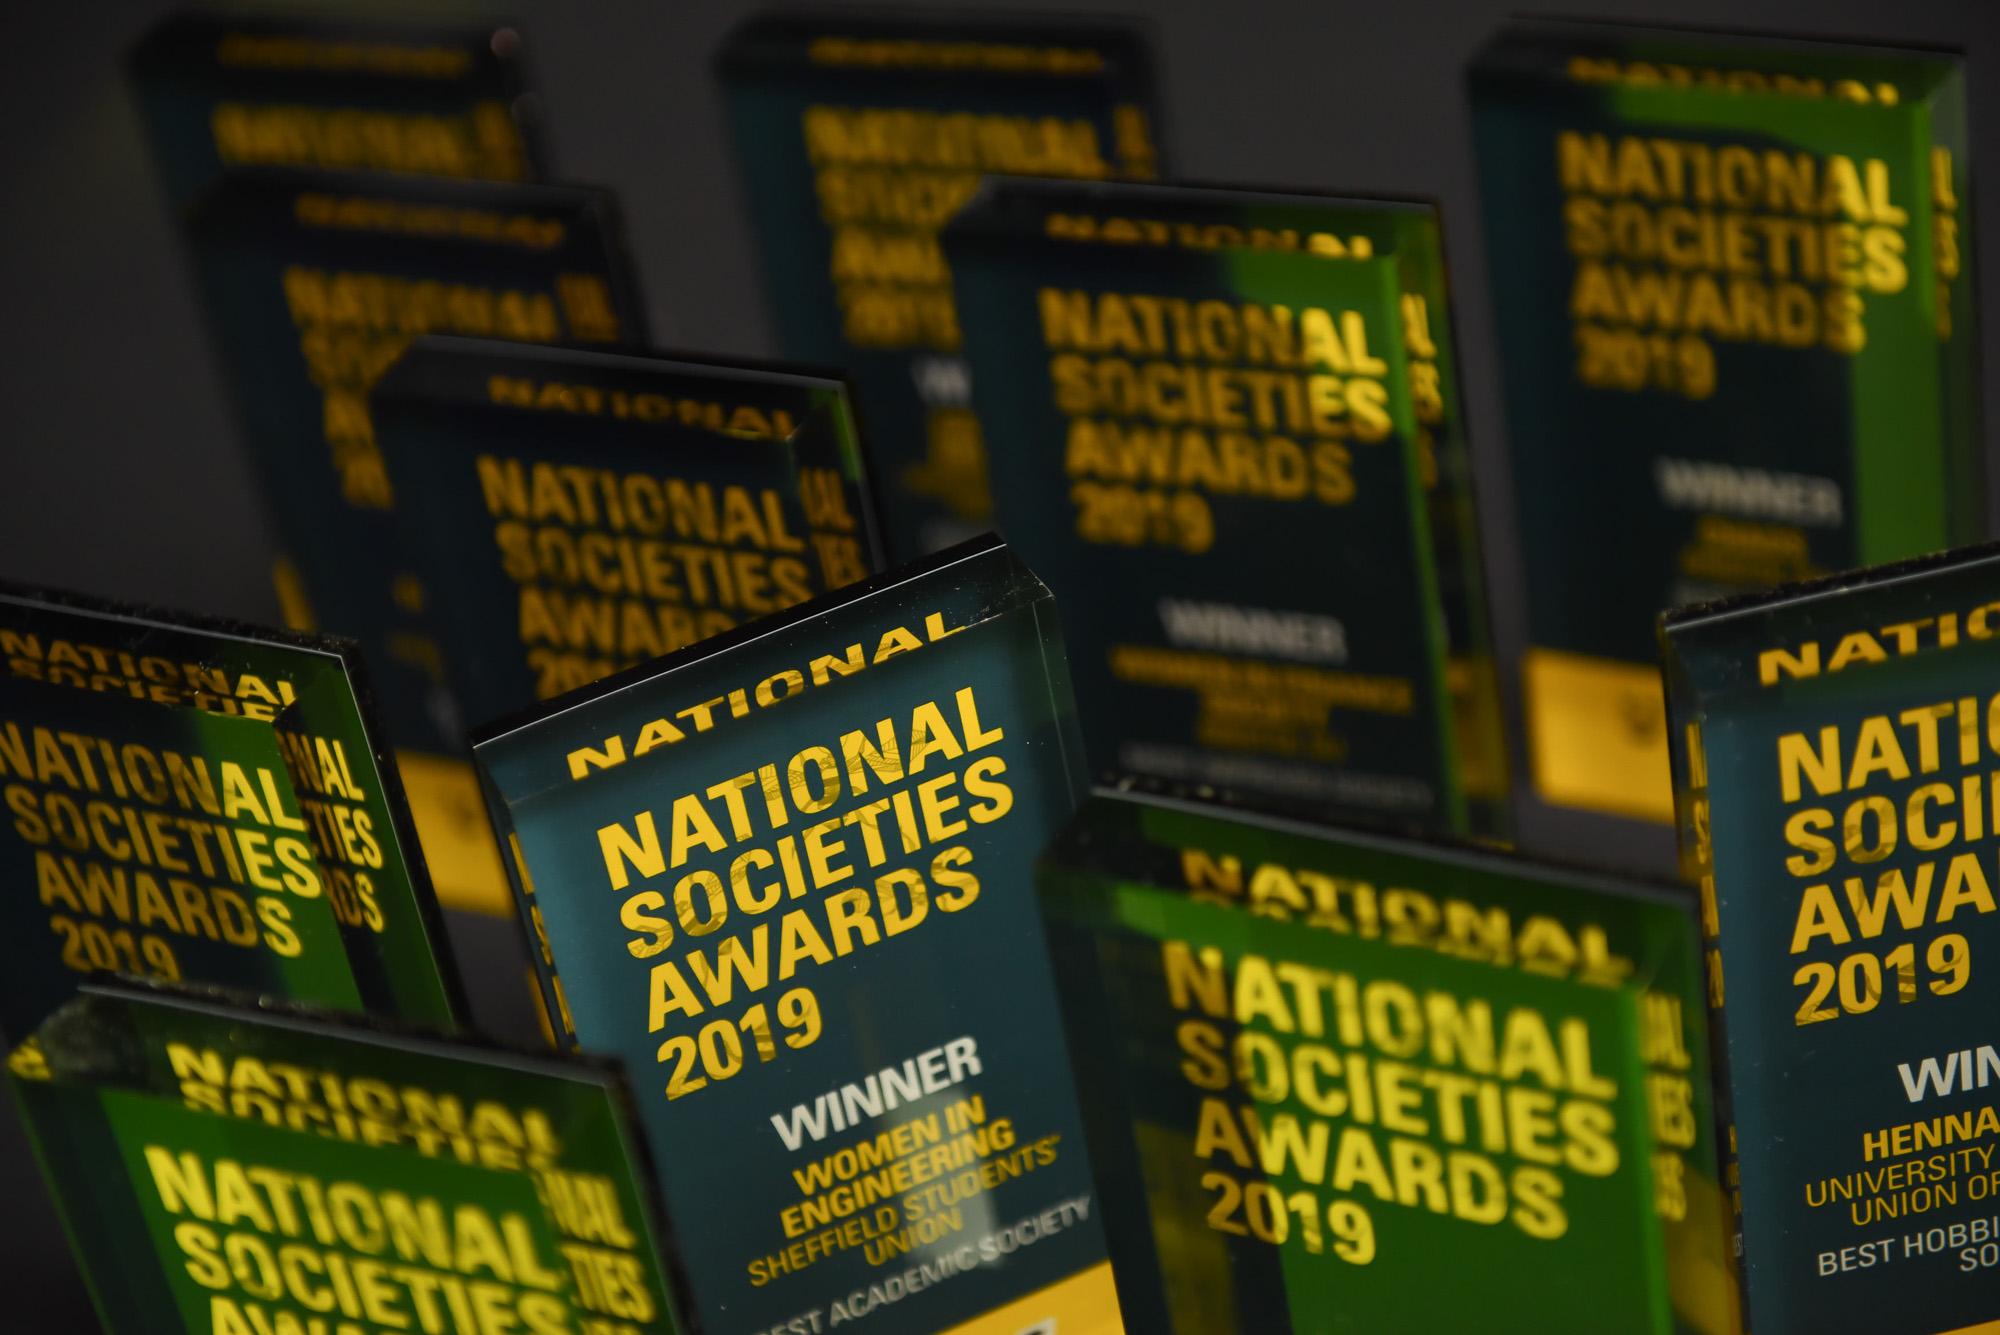 NSA_Awards_2019_2.jpg